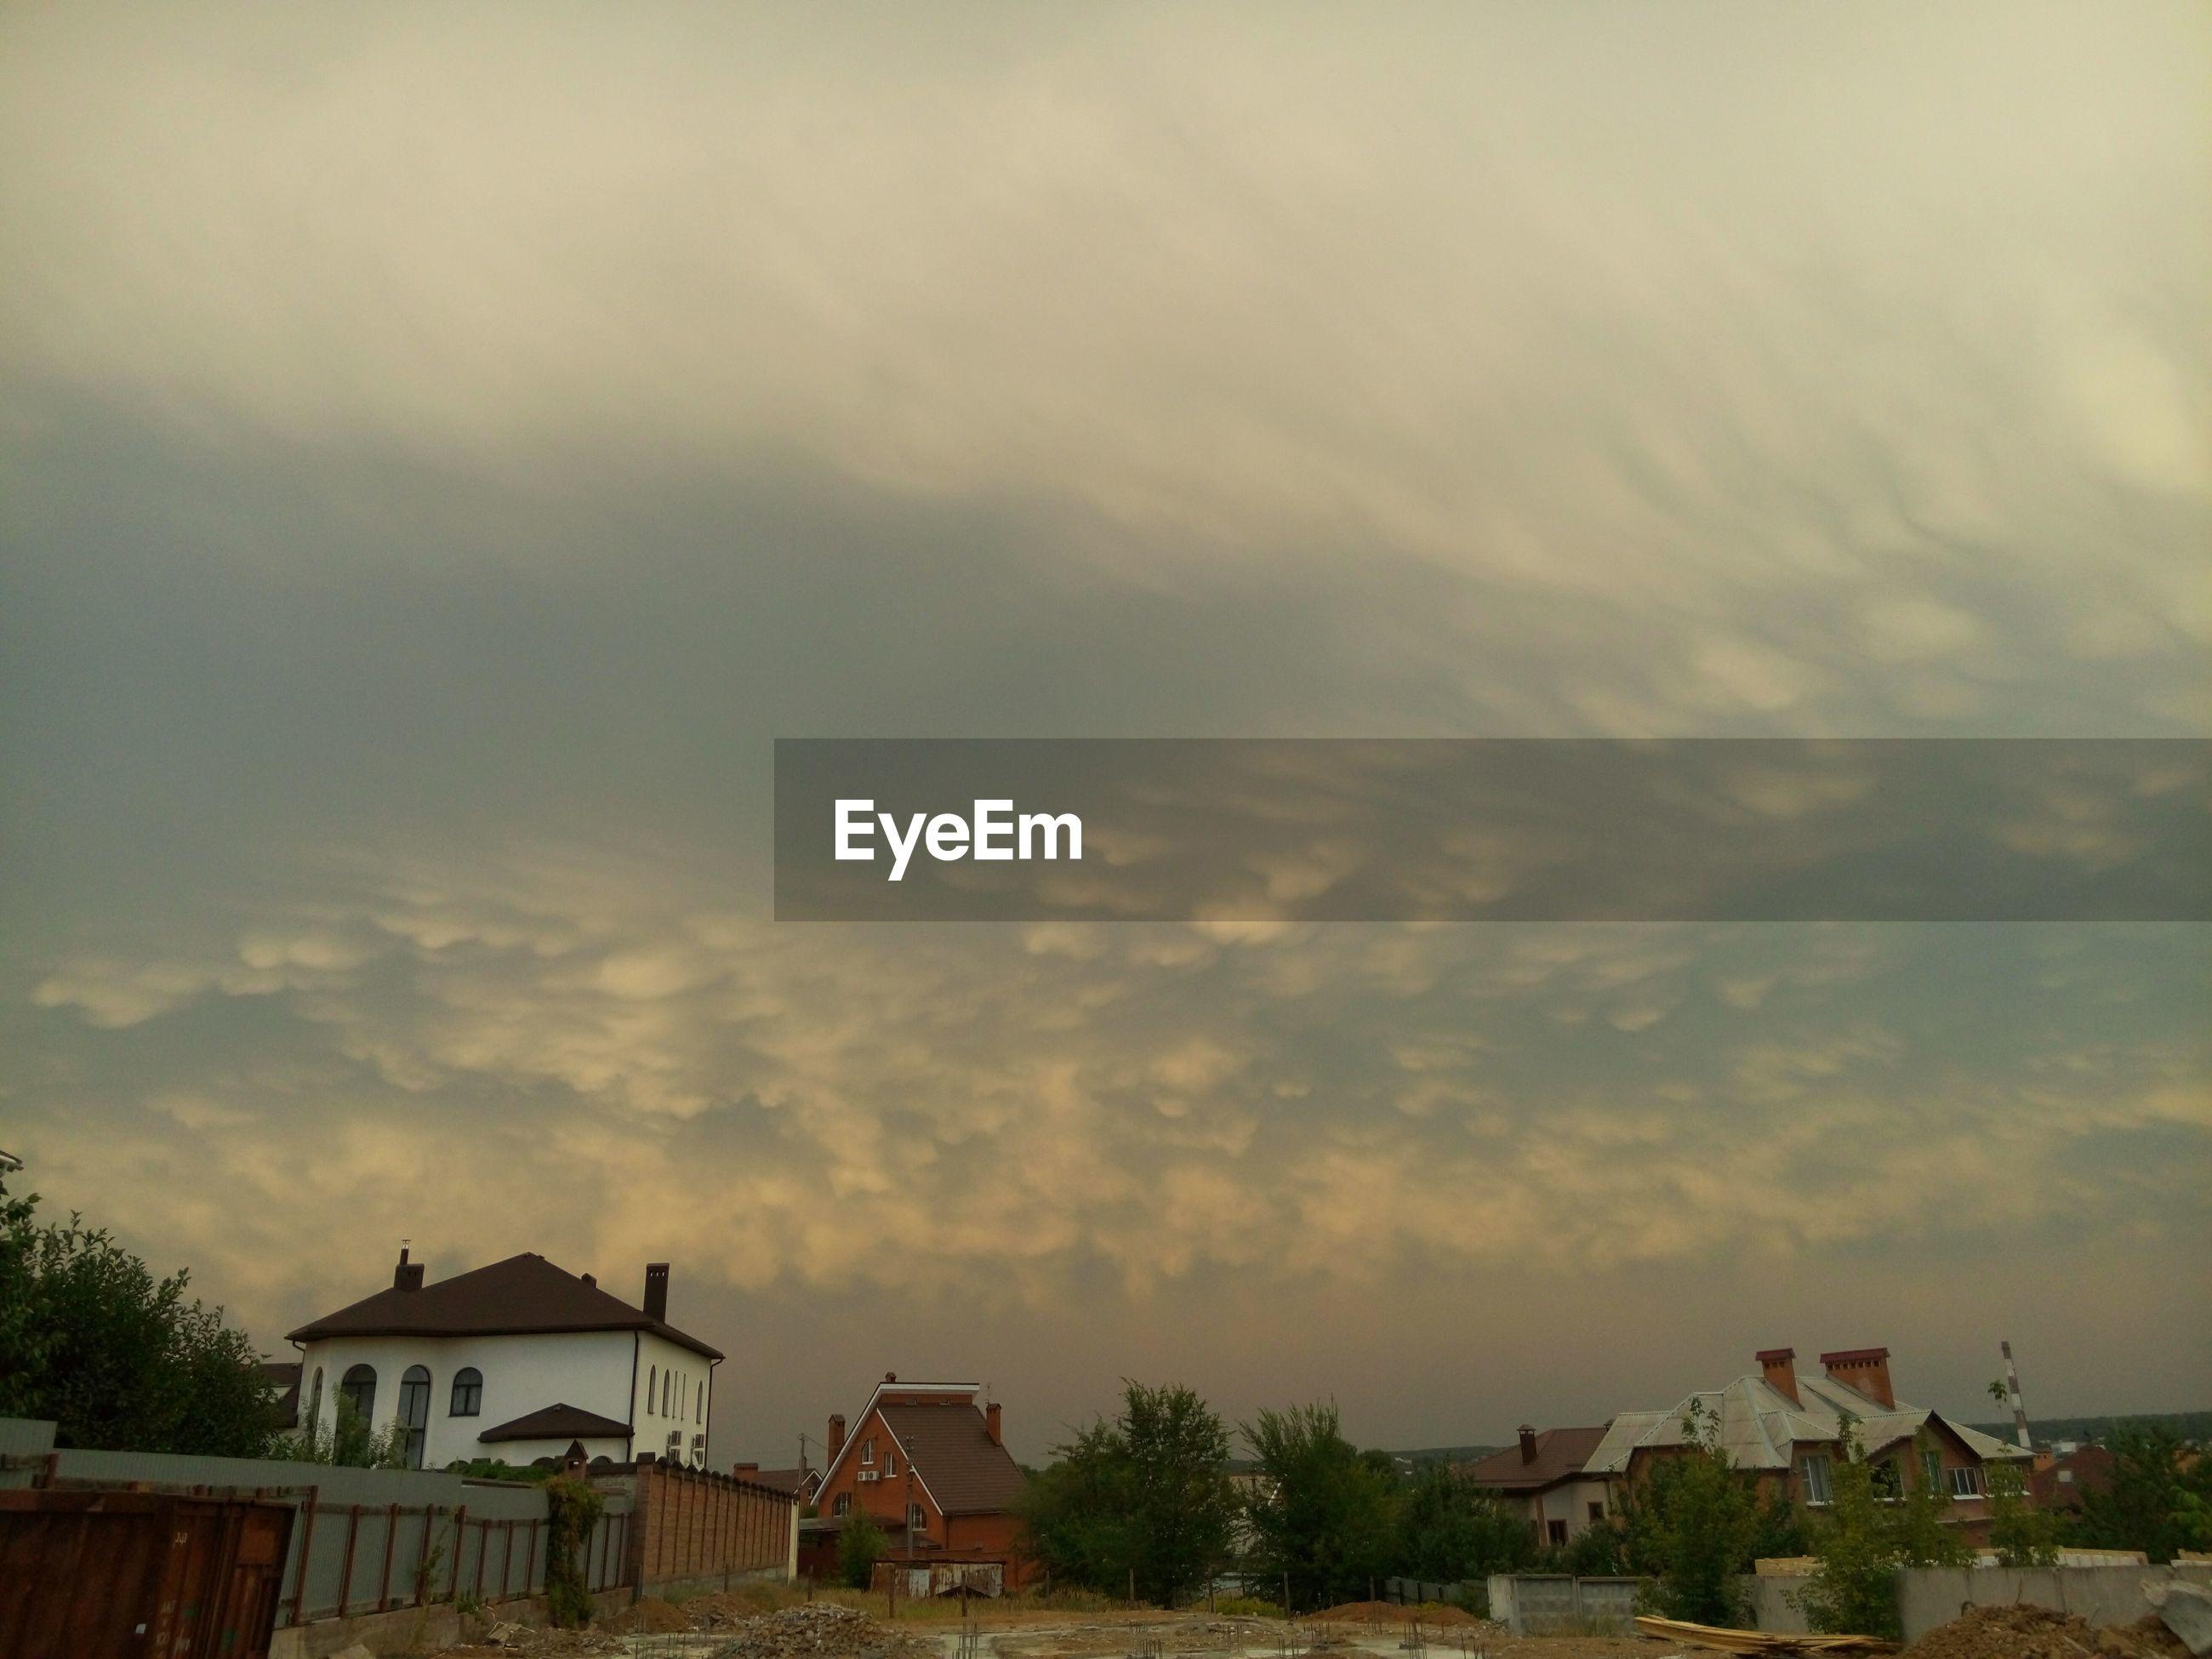 HOUSE AGAINST SKY AT DUSK